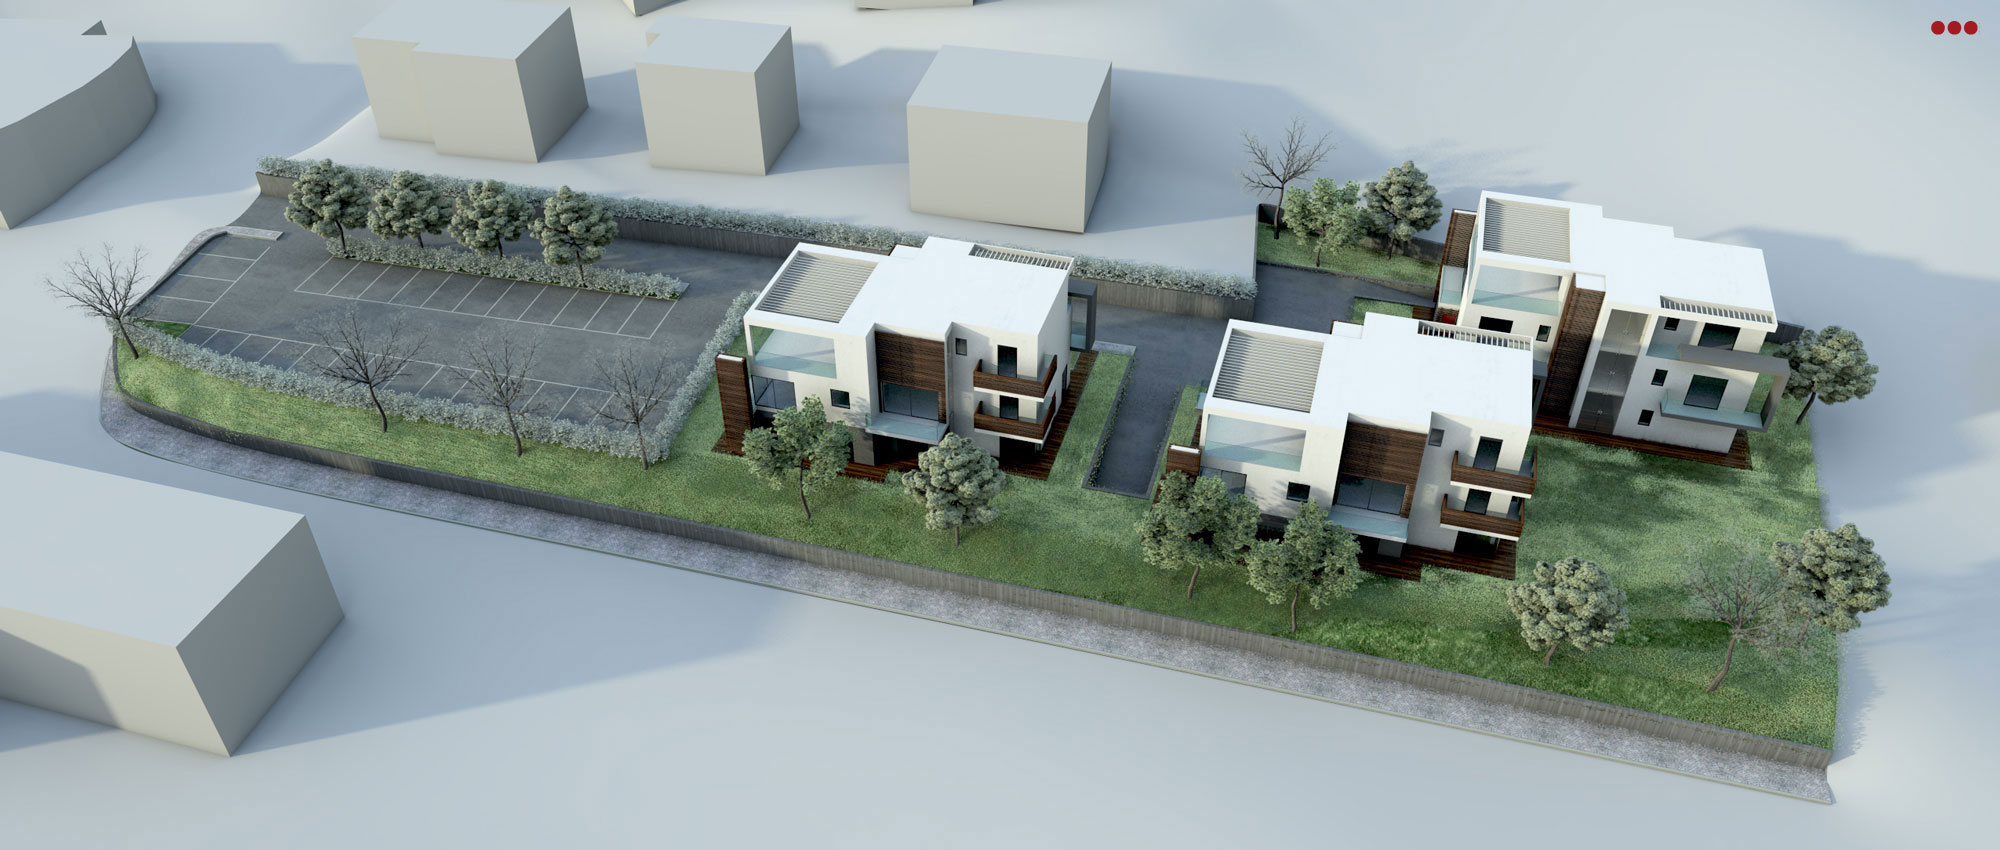 rendering 3d modeling architettura costruzioni studio bartolini gabicce rimini 12